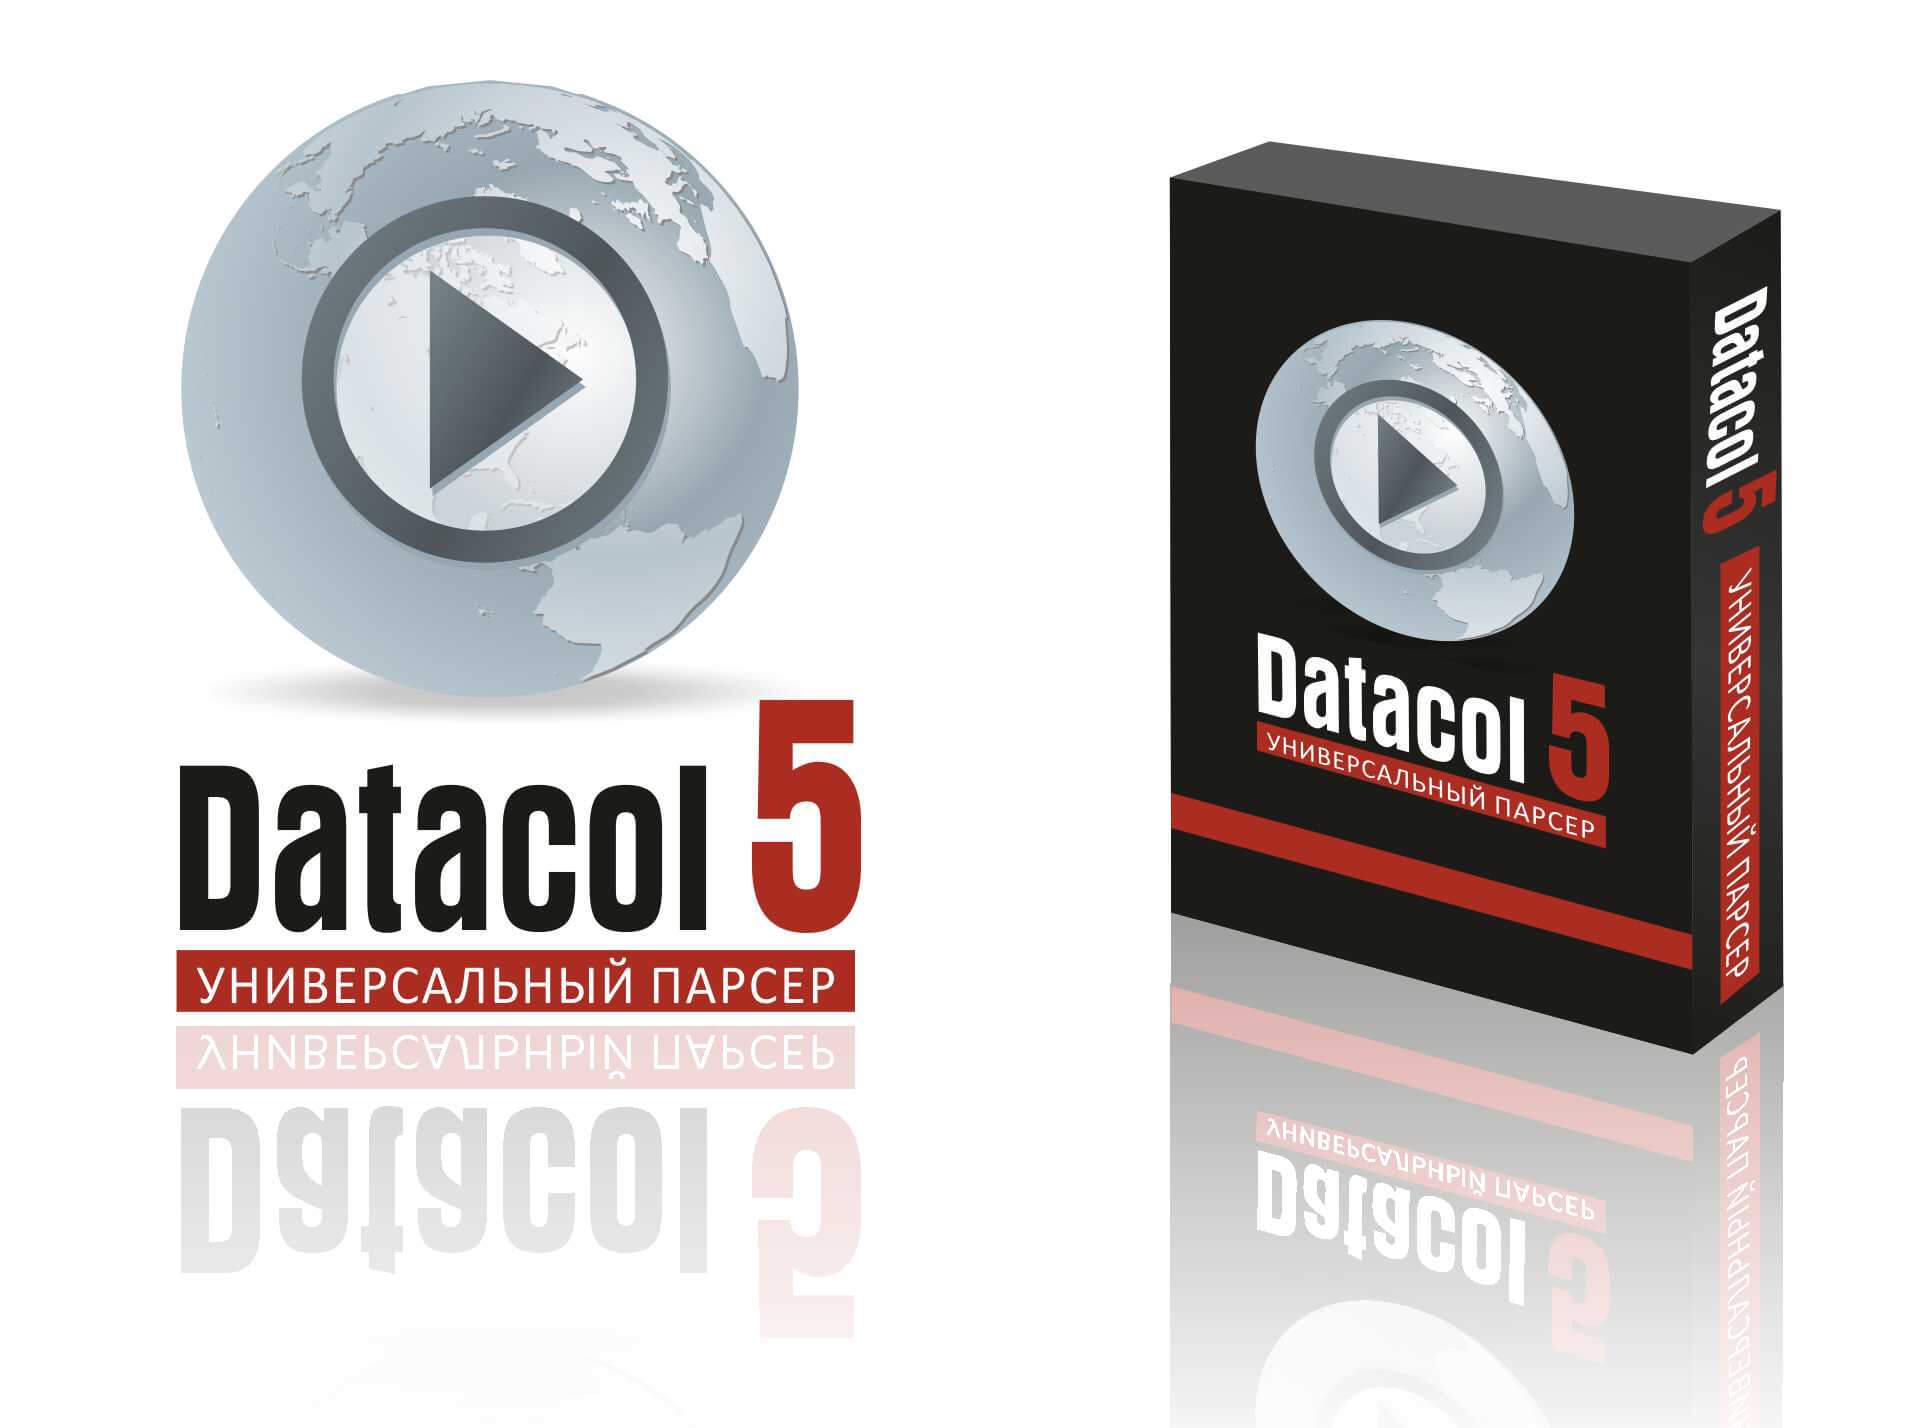 Лучший парсер сайтов и данных Datacol – реальная экономия времени для разработчиков